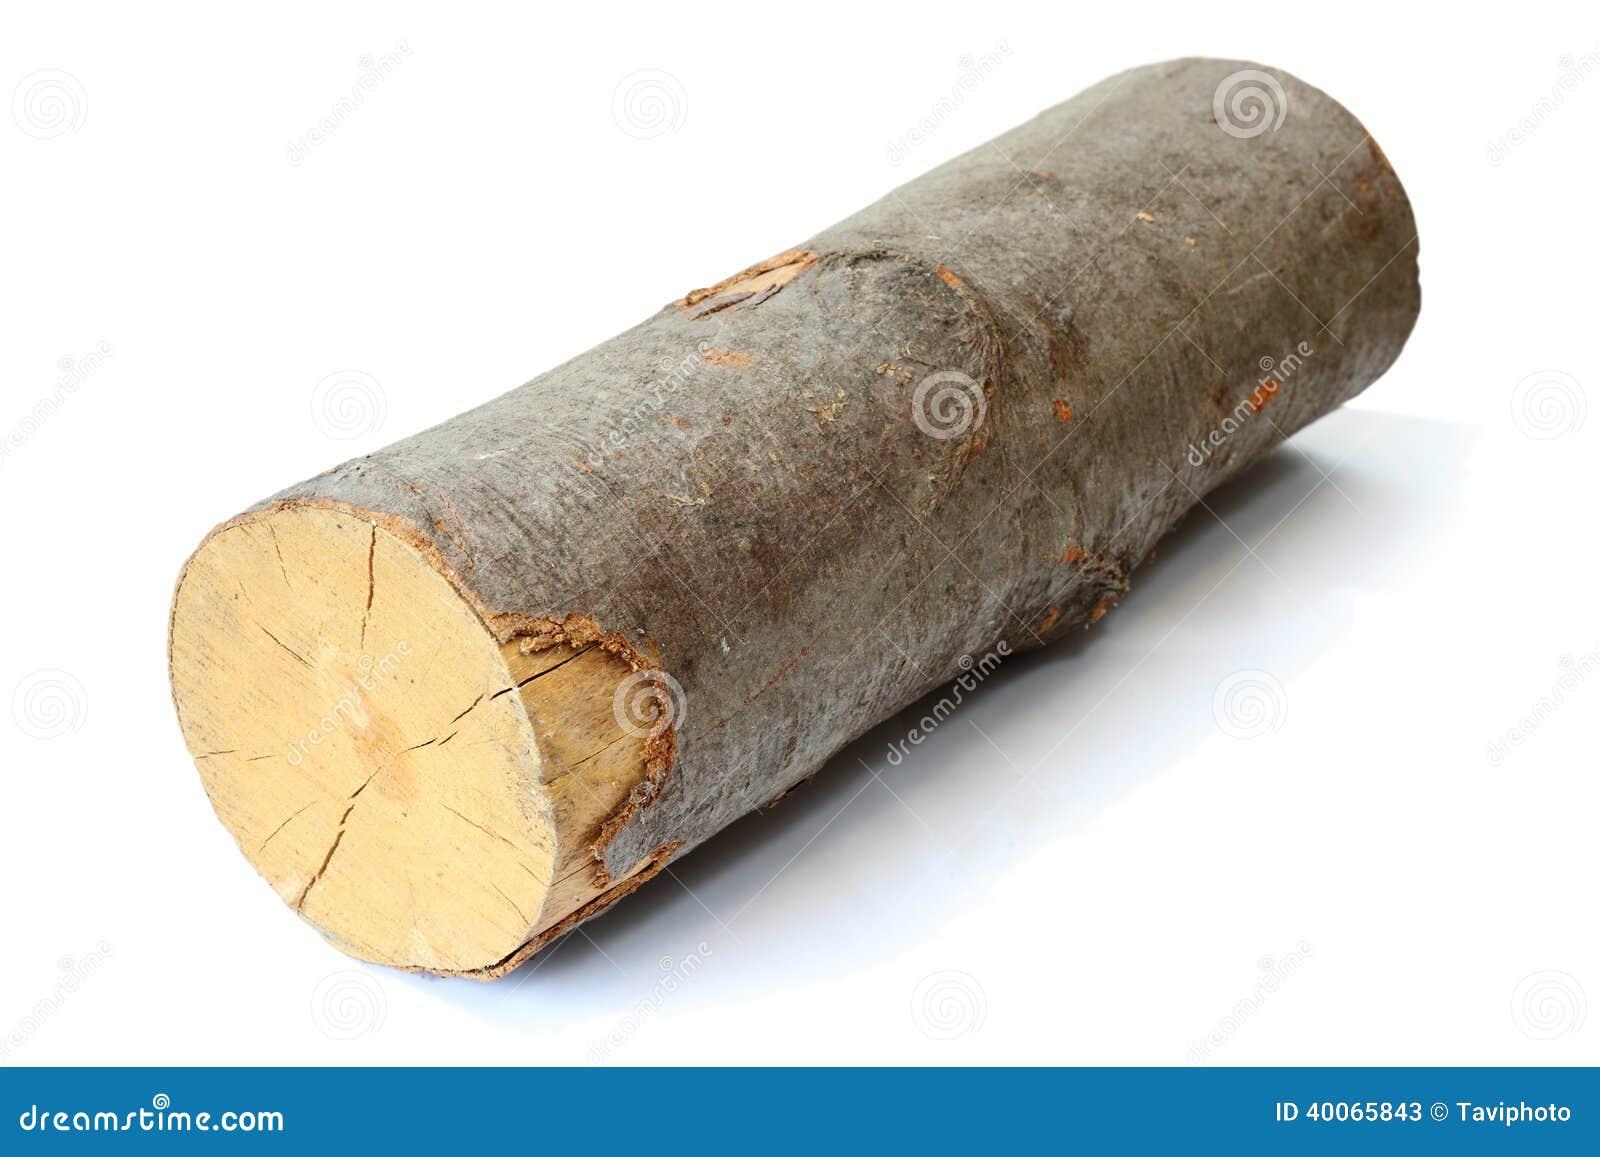 morceau de bois de chauffage image stock image du corce centrale 40065843. Black Bedroom Furniture Sets. Home Design Ideas